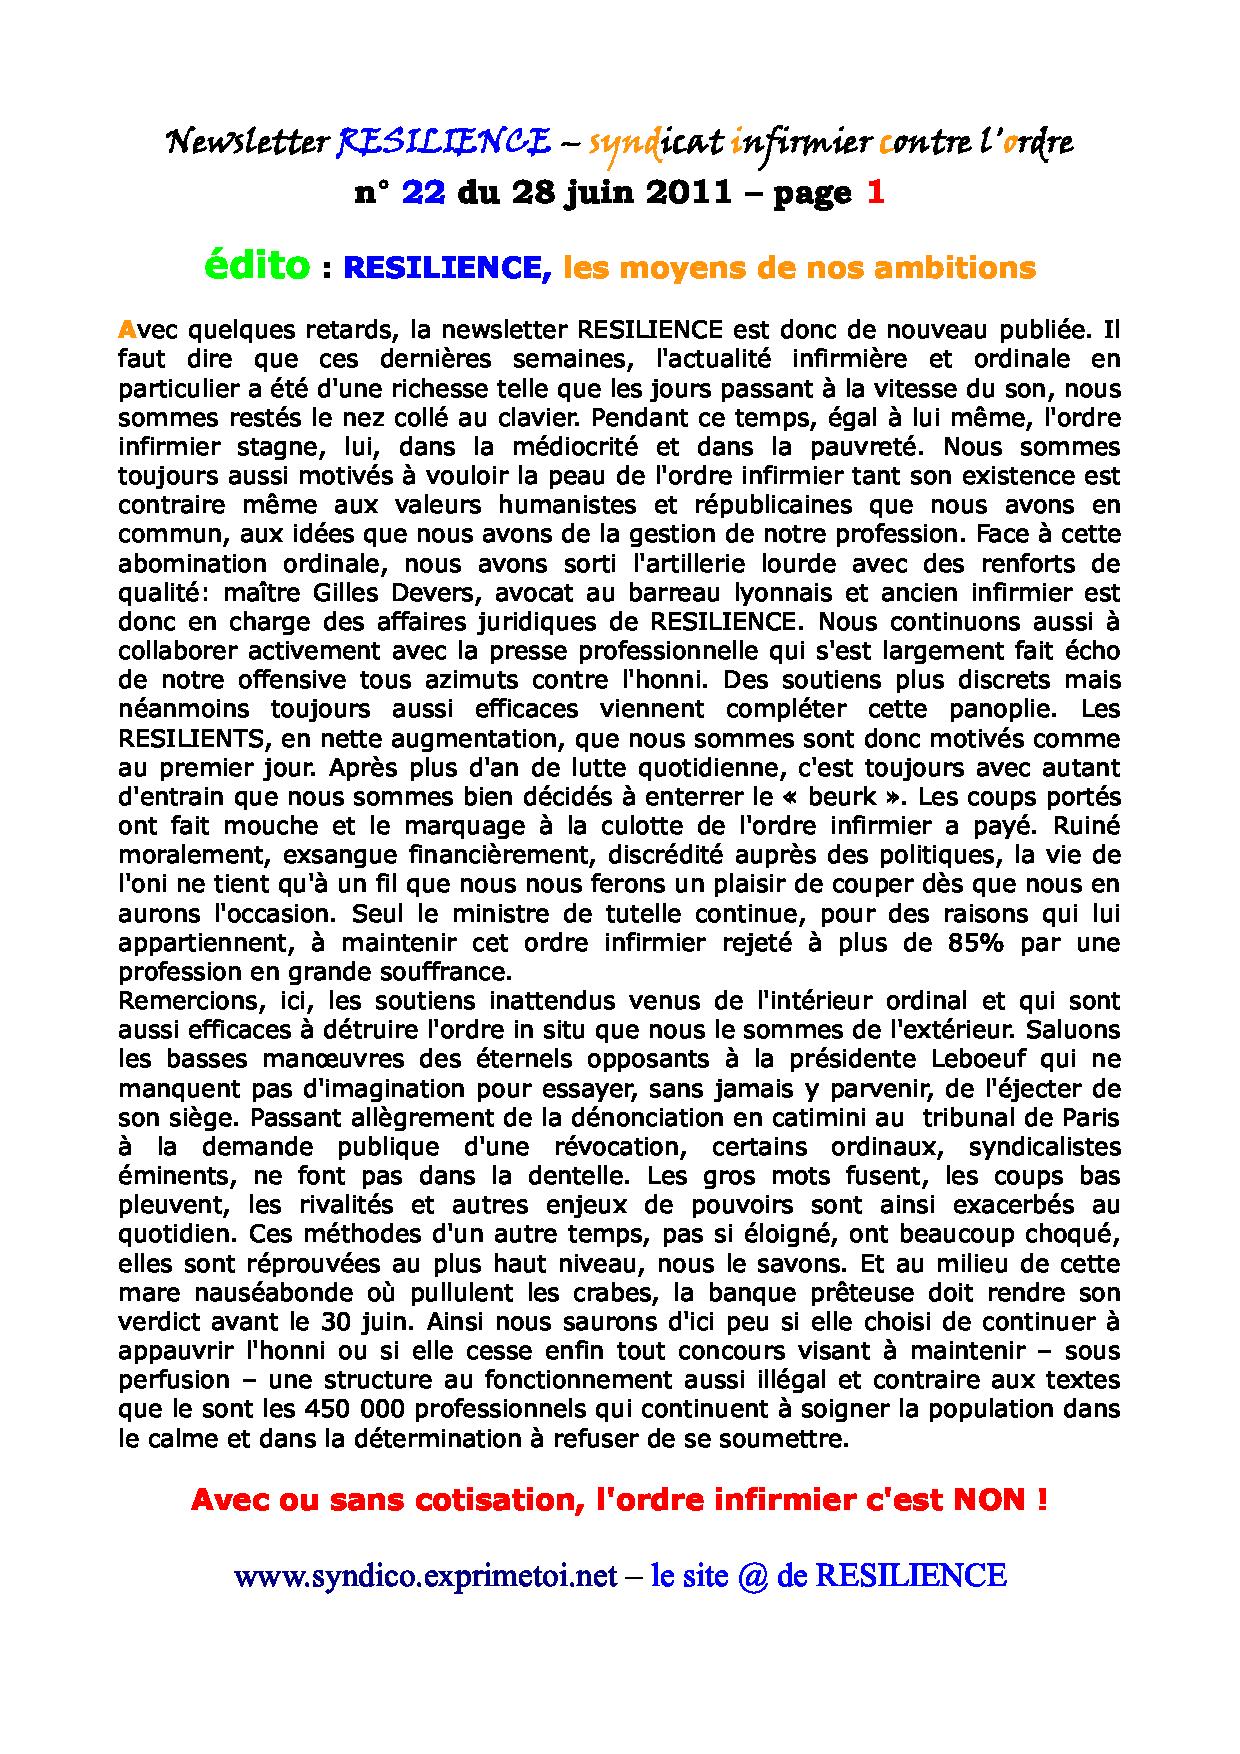 Newsletter RESILIENCE n° 22 du 28 juin 2011 1107050414311139708427952